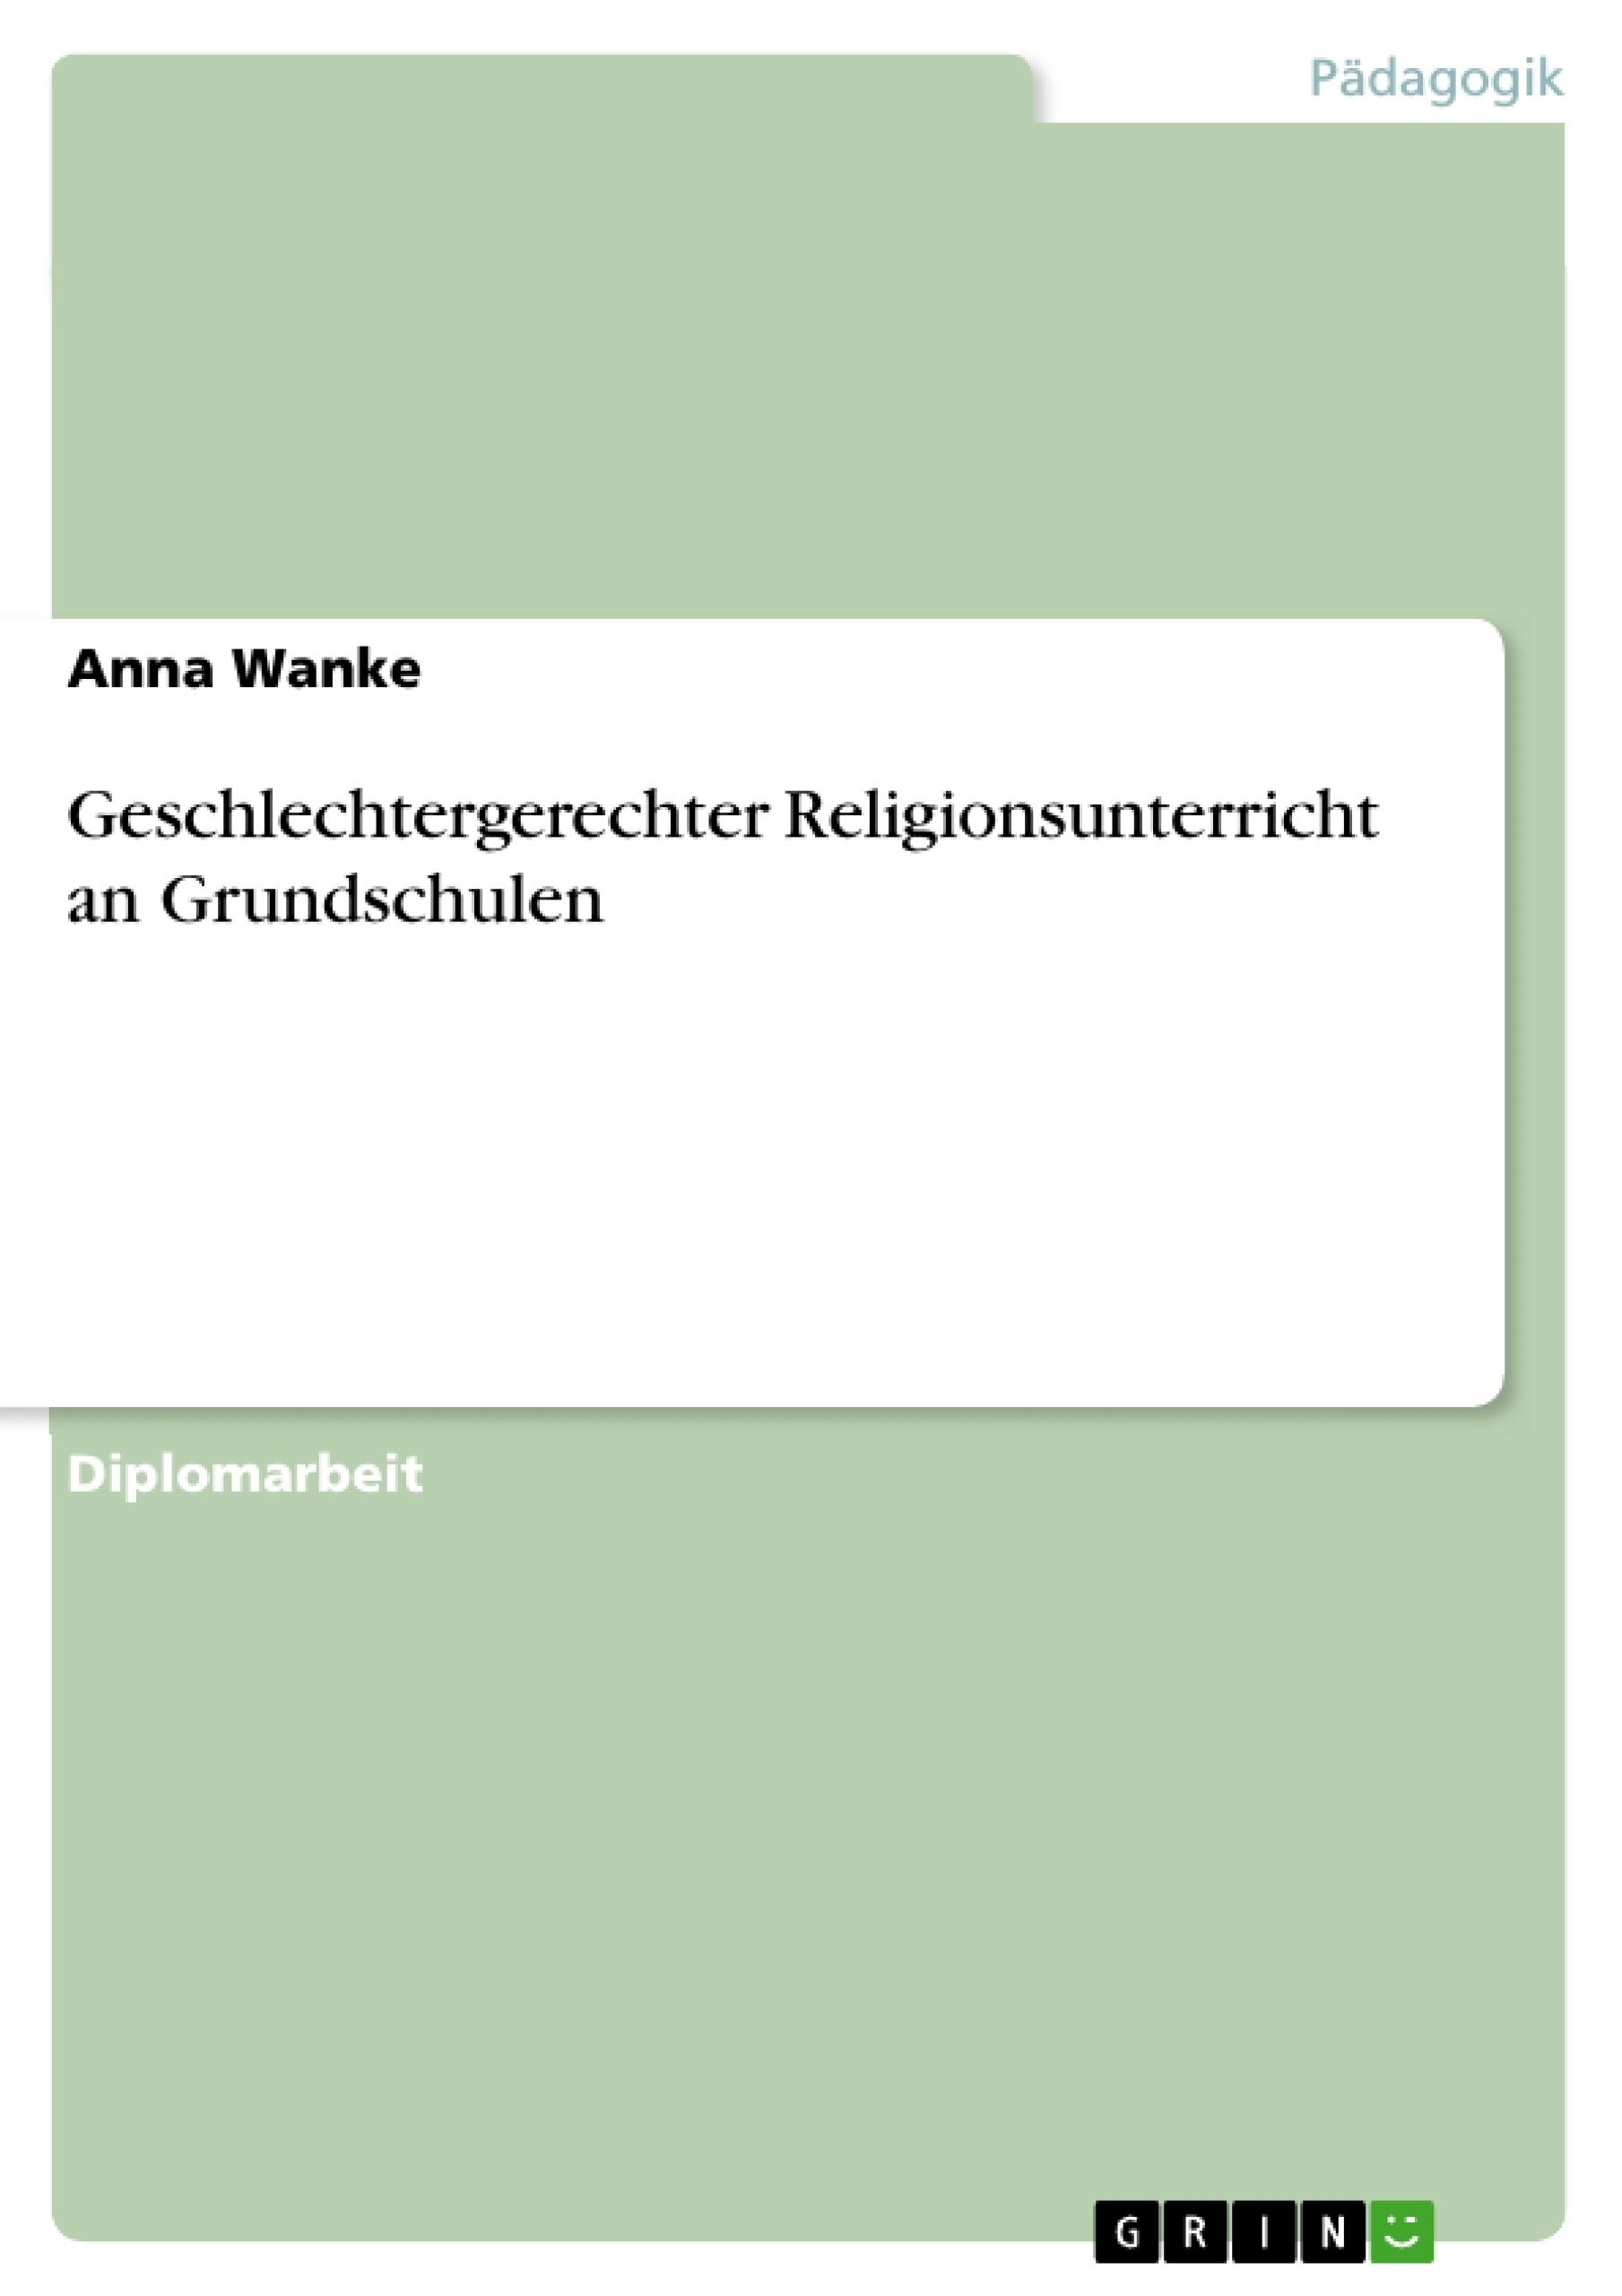 Titel: Geschlechtergerechter Religionsunterricht an Grundschulen